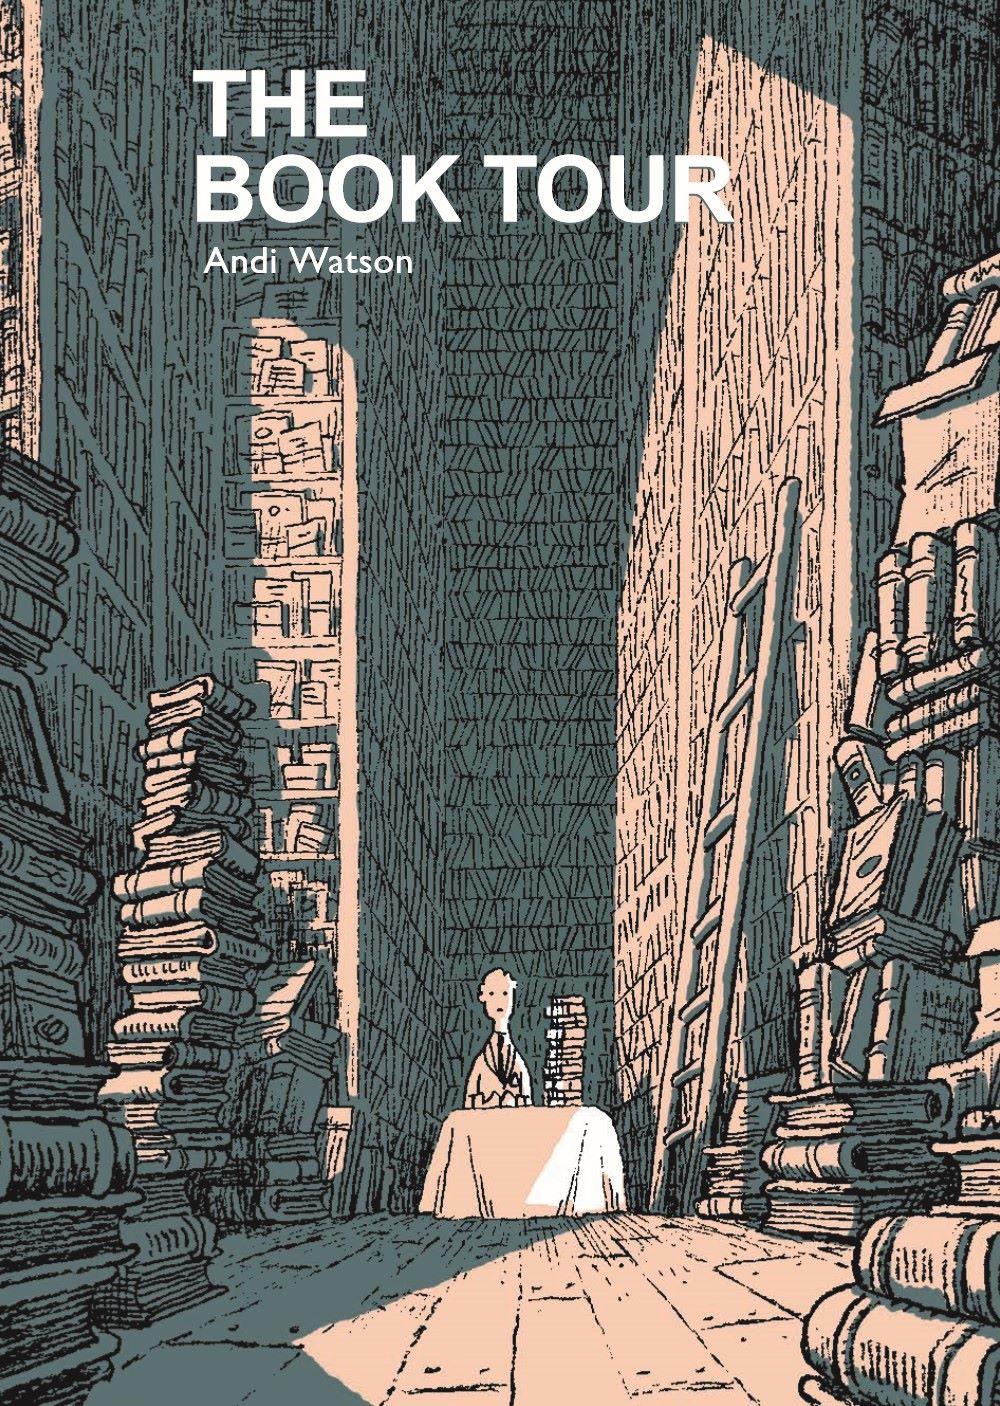 BookTour_pr-1 ComicList Previews: THE BOOK TOUR GN